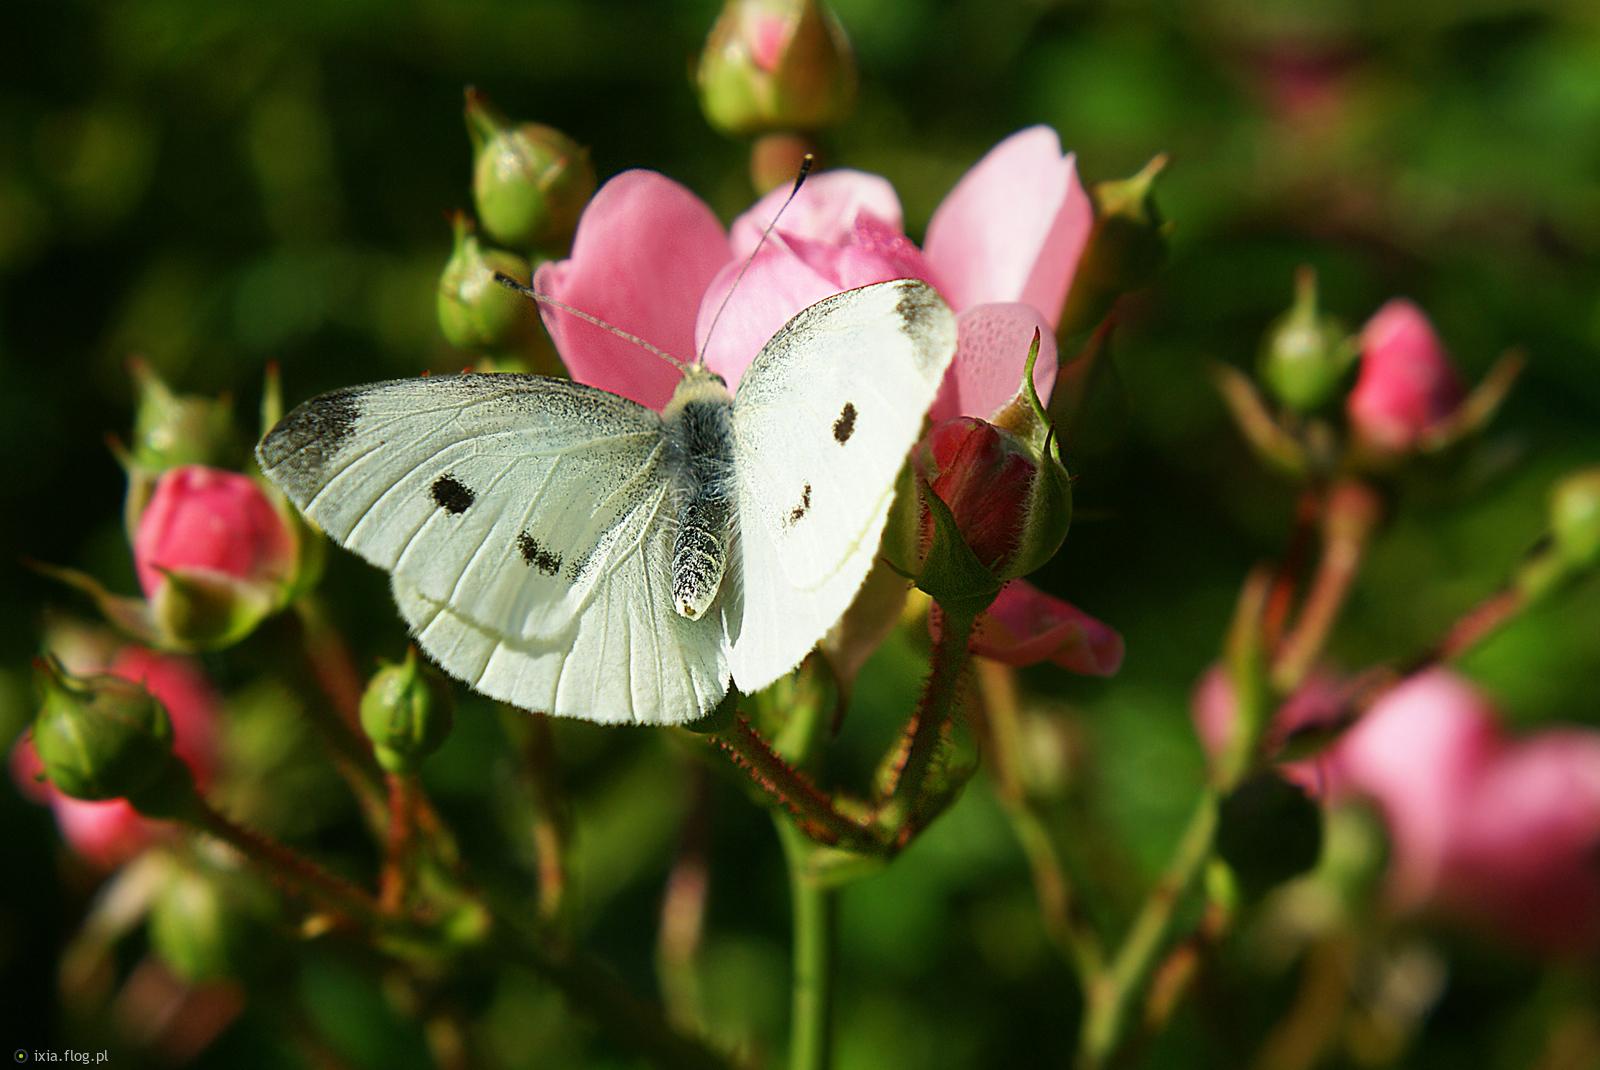 Dla Ciebie wrześniowy motylek w podziękowaniu za portret ważki :)